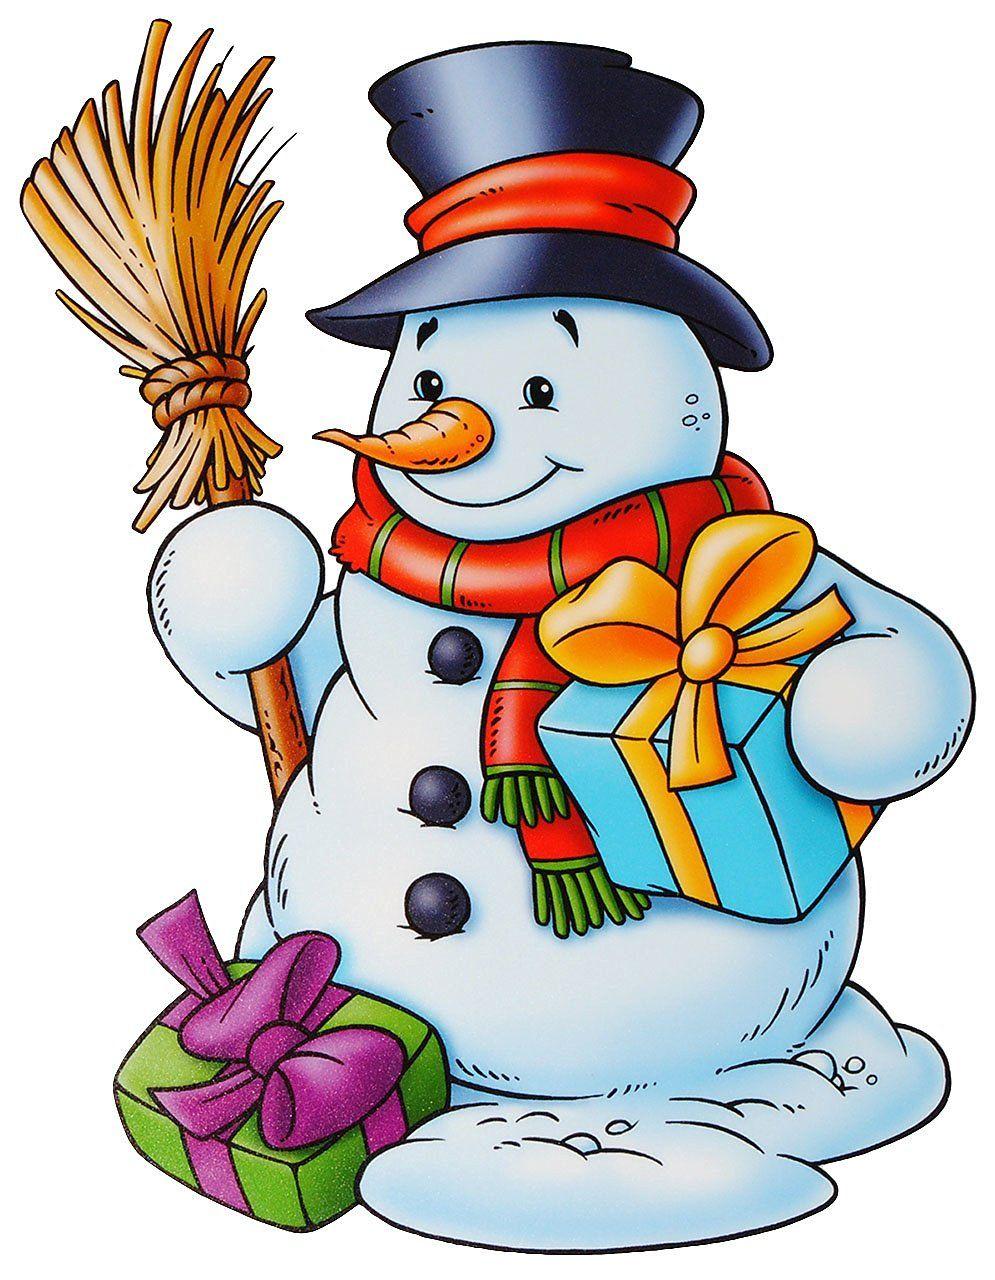 fensterbild weihnachten sneeuwpop sneeuwpoppen und. Black Bedroom Furniture Sets. Home Design Ideas